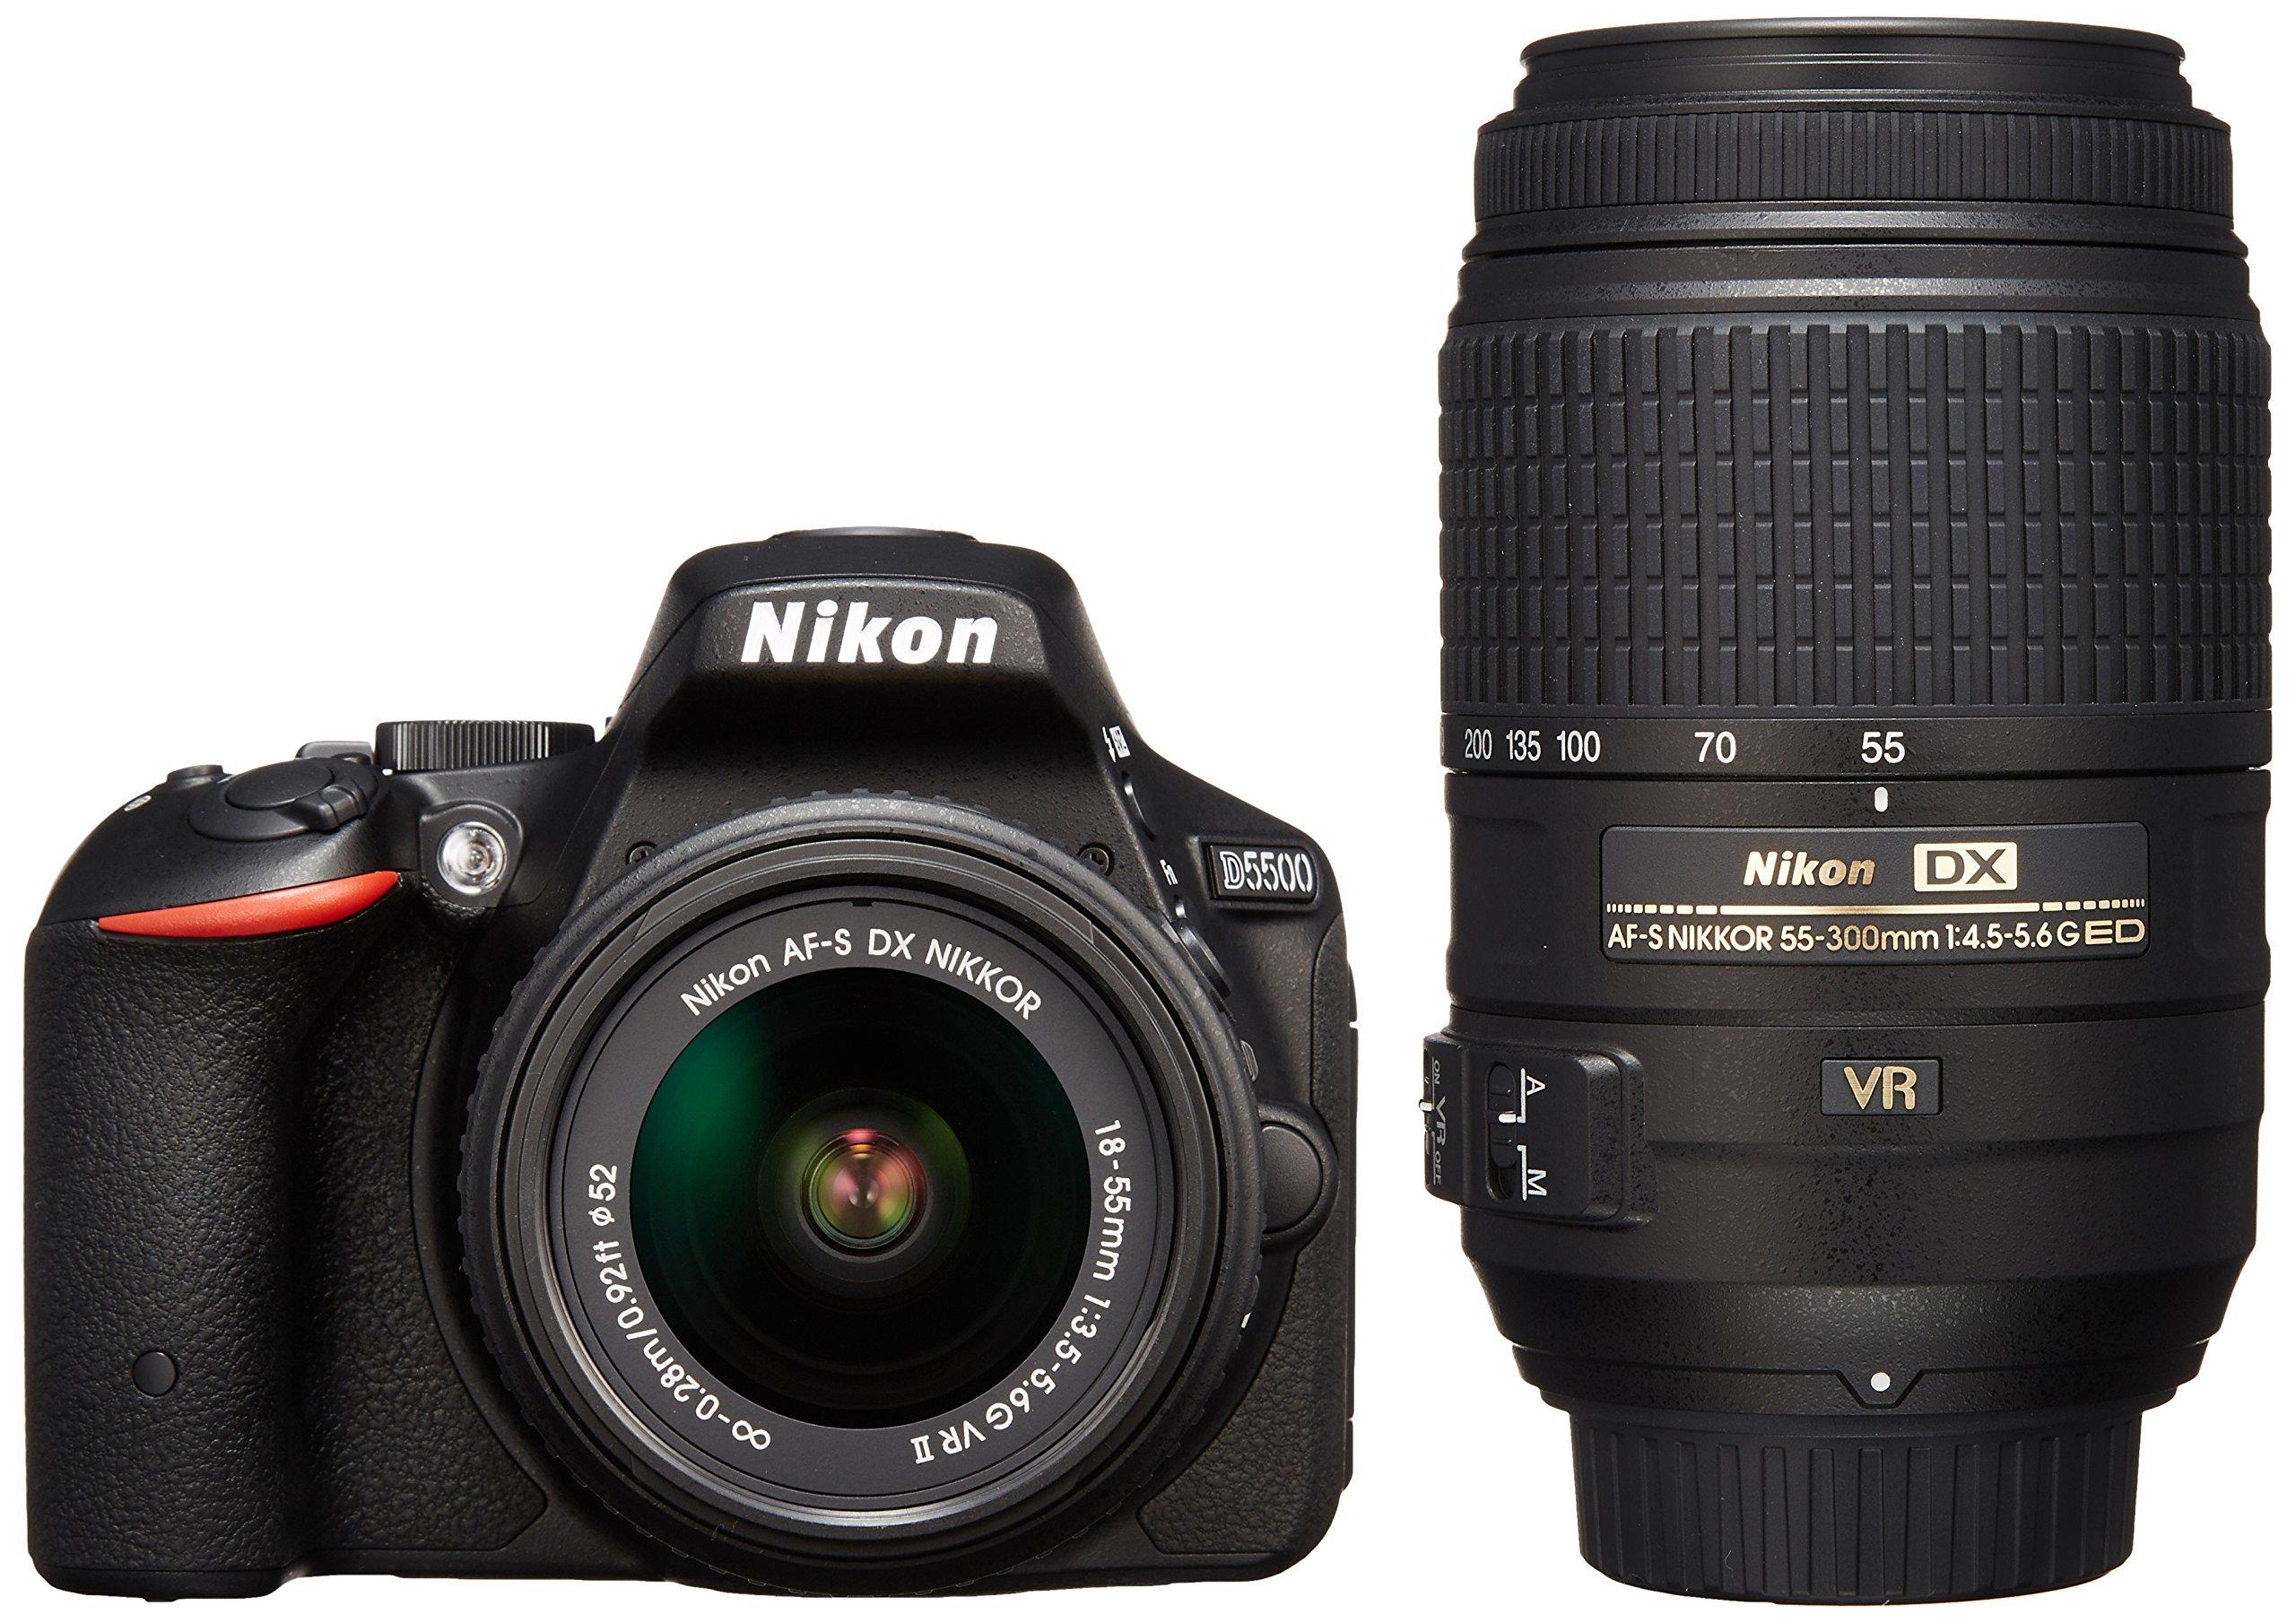 Nikon デジタル一眼レフカメラ D5500 ダブルズームキット ブラック  2416万画素 3.2型液晶 タッチパネルD5500WZBK product image